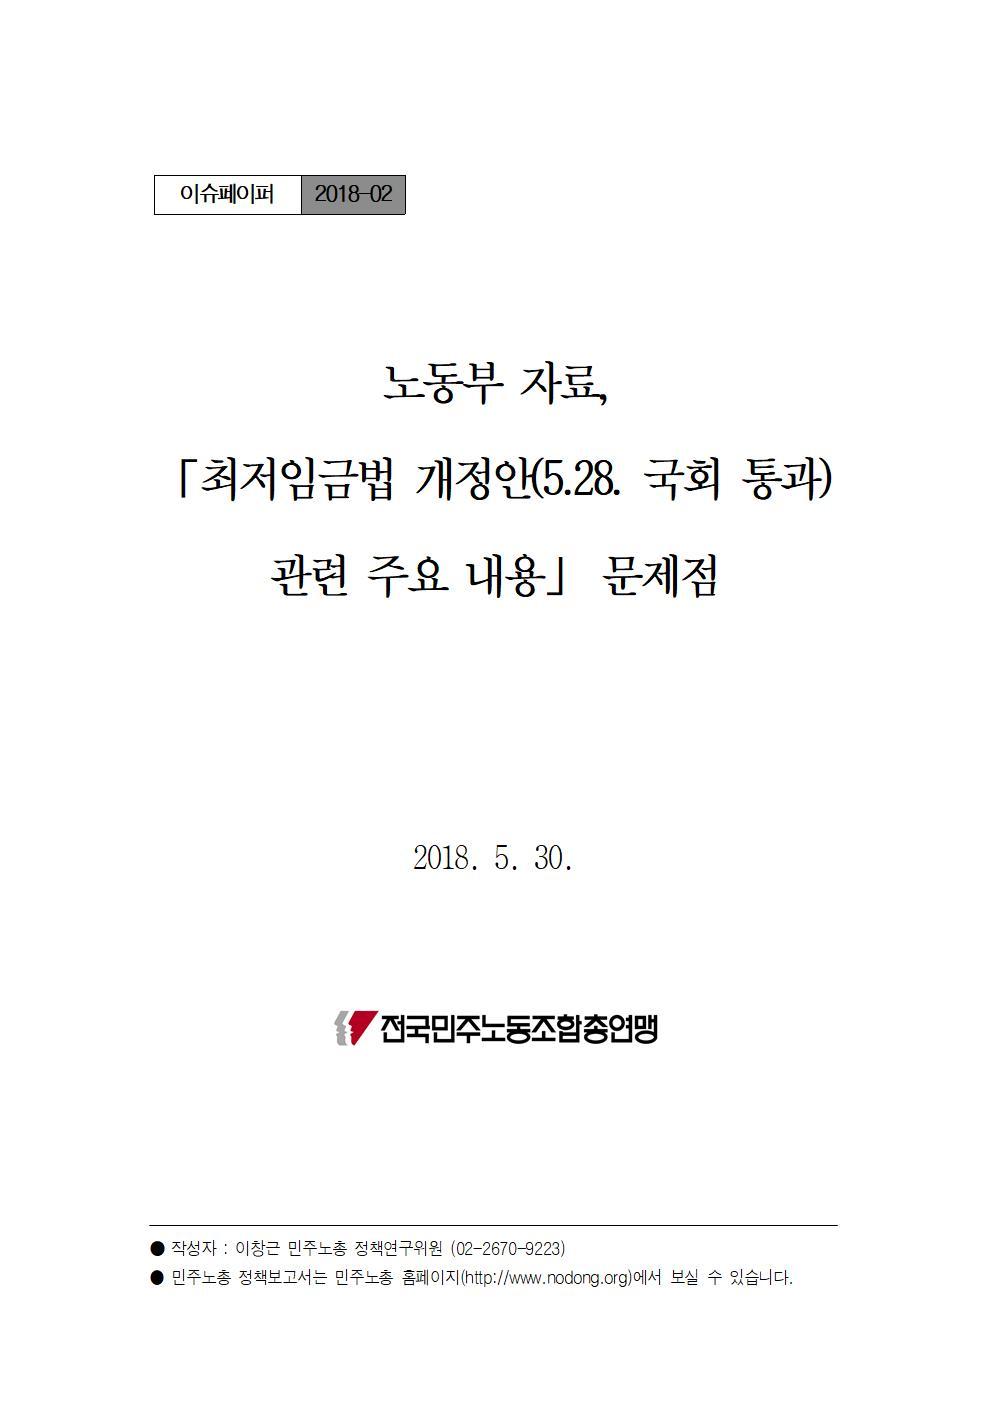 180530_노동부_보도자료_문제점(이창근)(표지)001.jpg